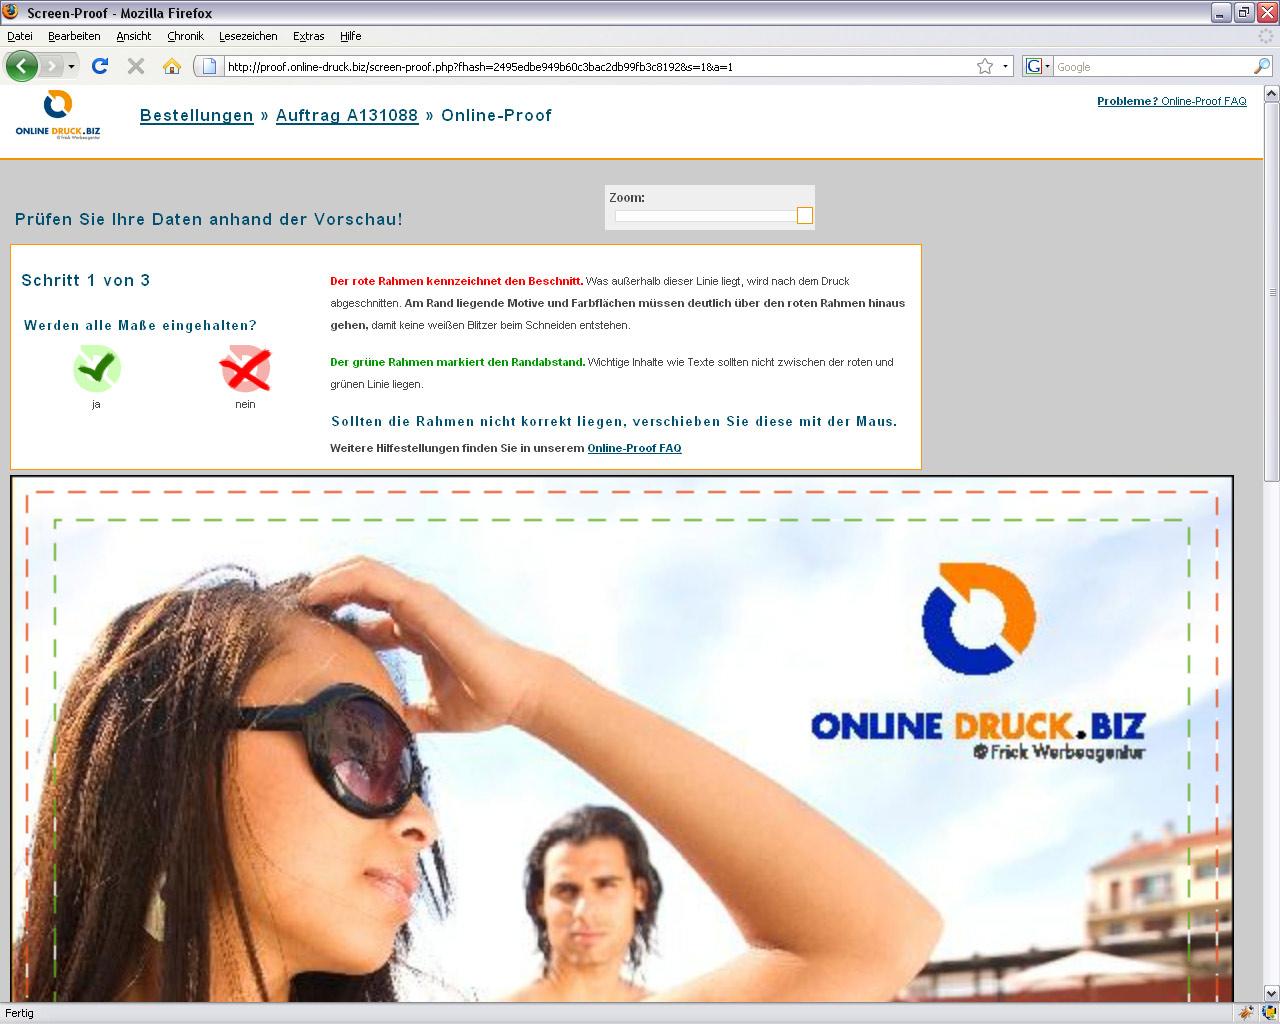 Druckdaten online prüfen mit neuen Funktionen